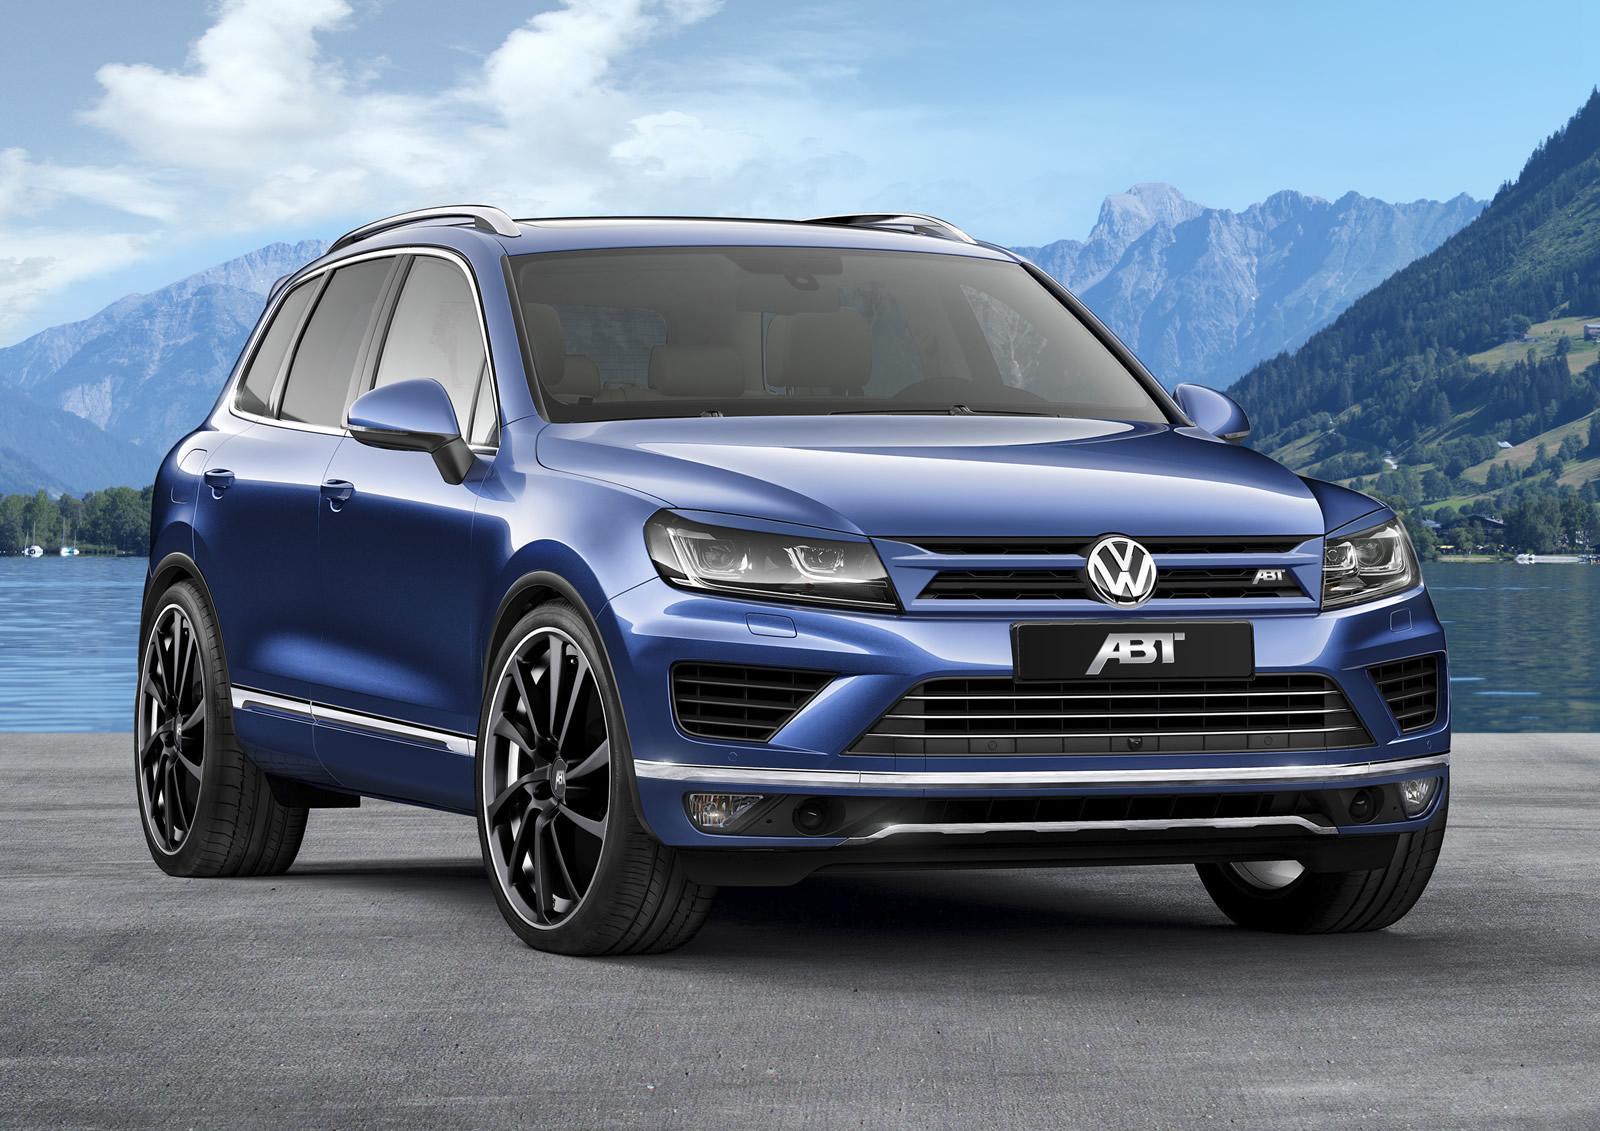 Размещены первые рендеры VW Touareg 2018